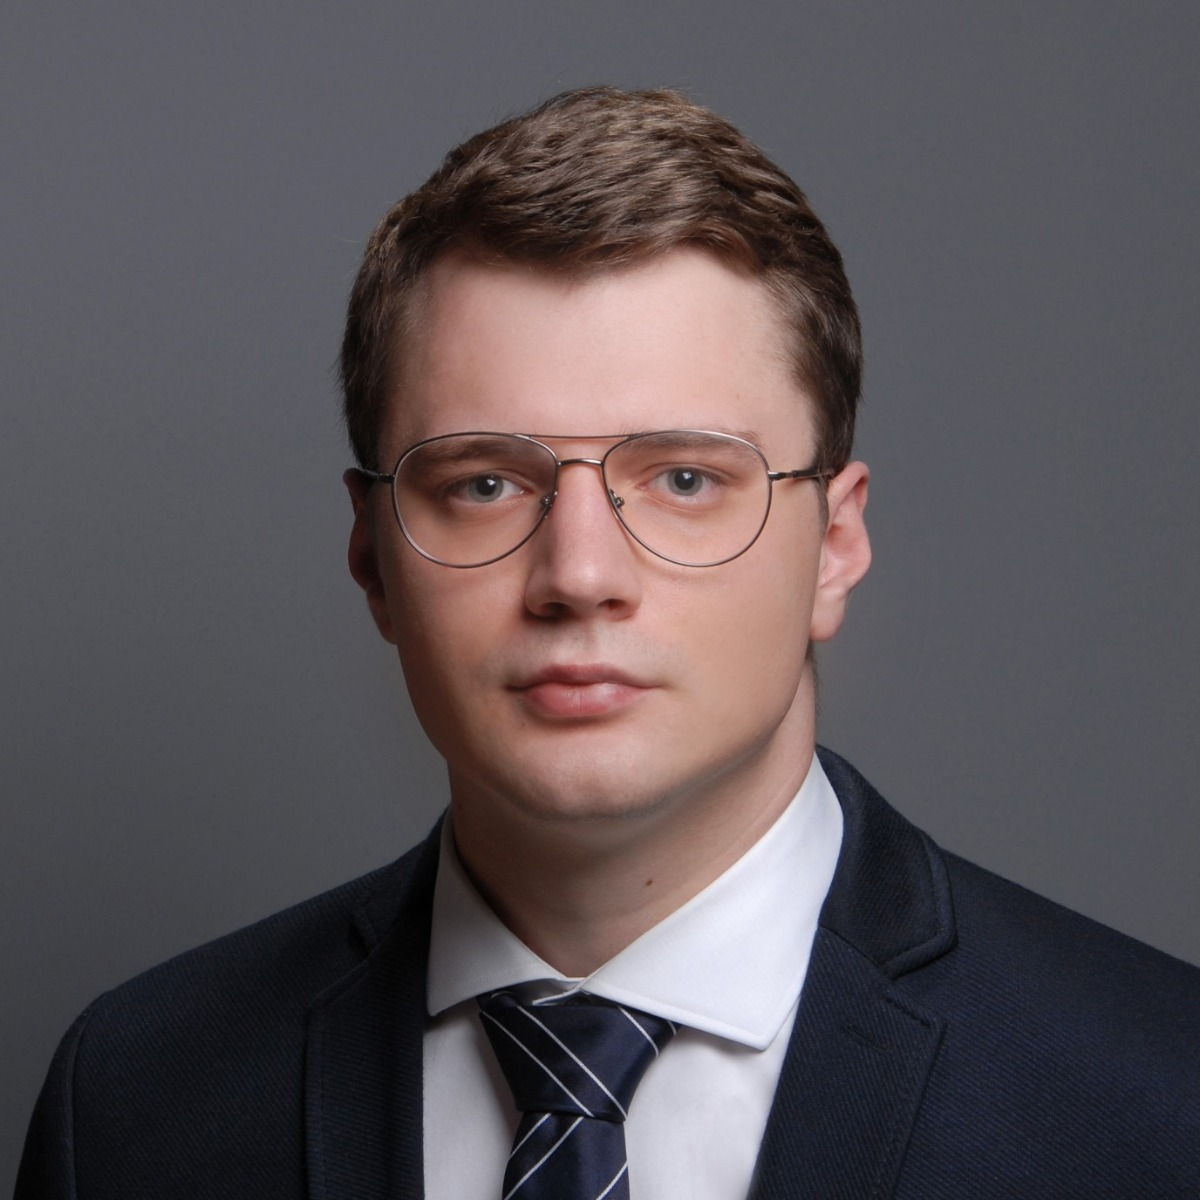 Mateusz Karliński